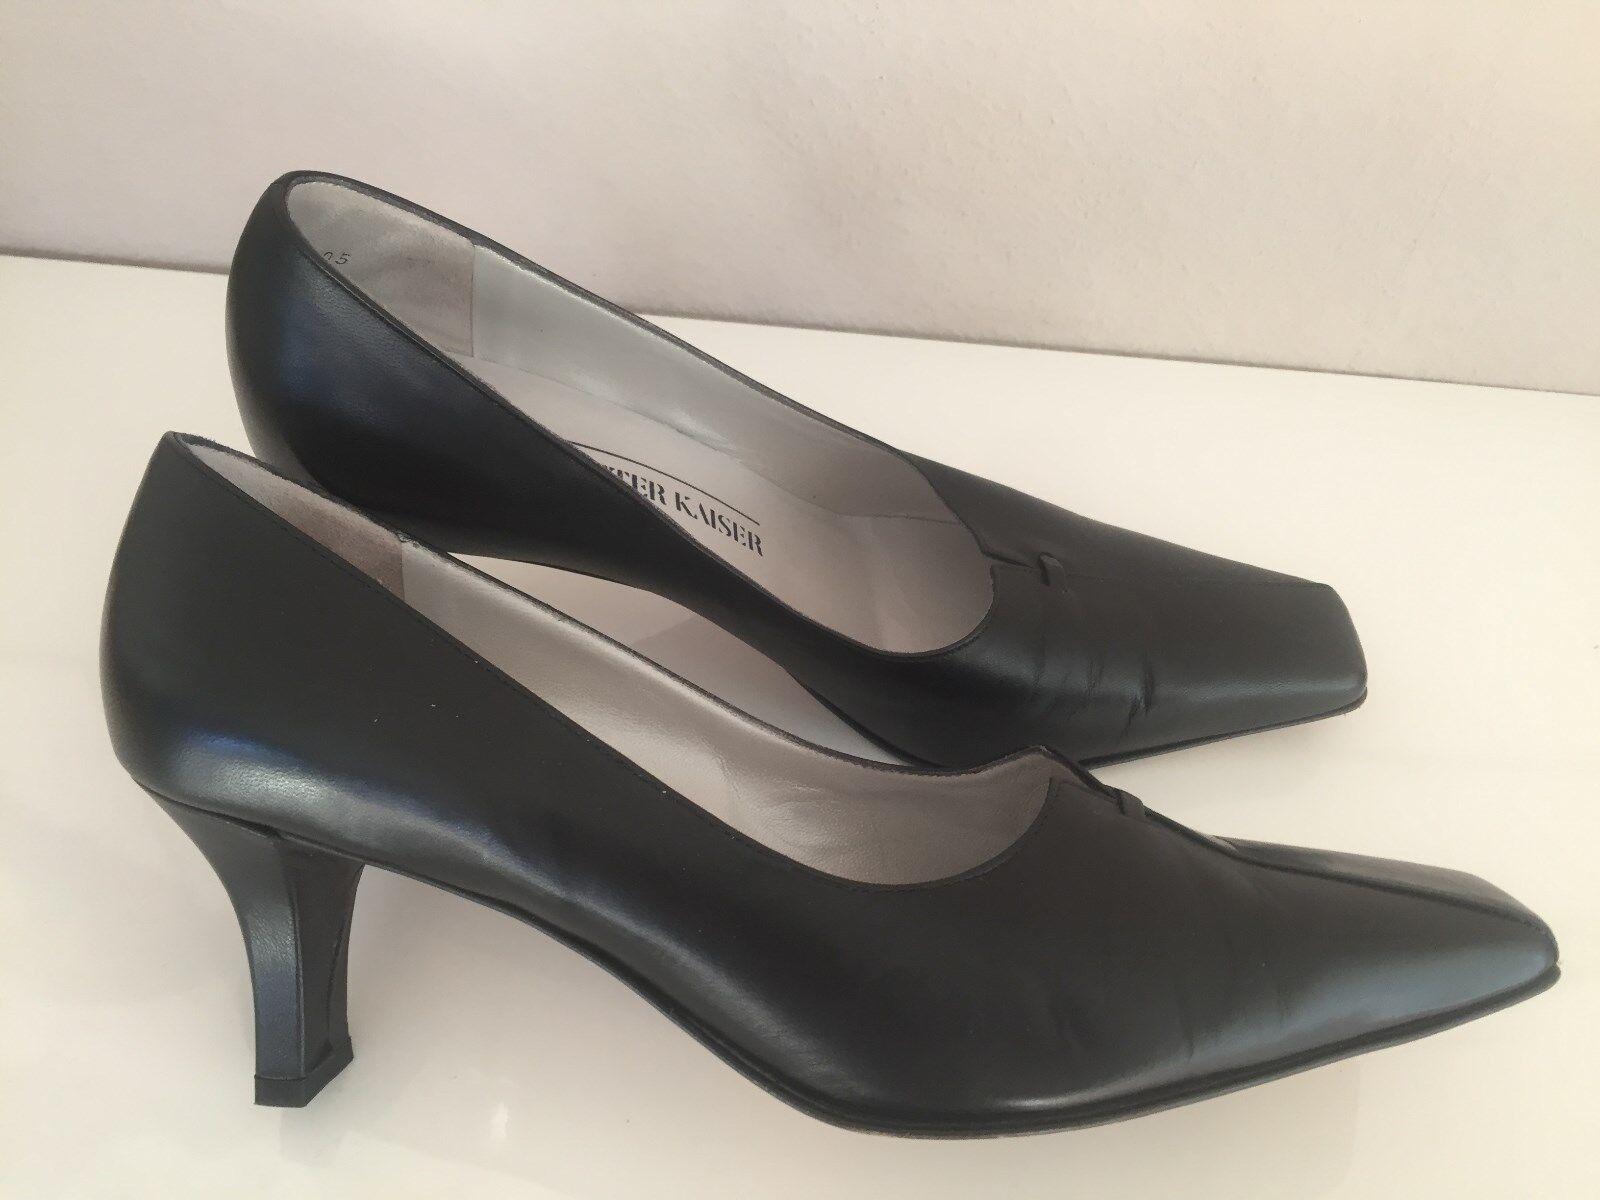 PETER KAISER Pumps Pumps Pumps schwarz Gr. 38 Echtleder sehr elegante Schuhe 32d45e